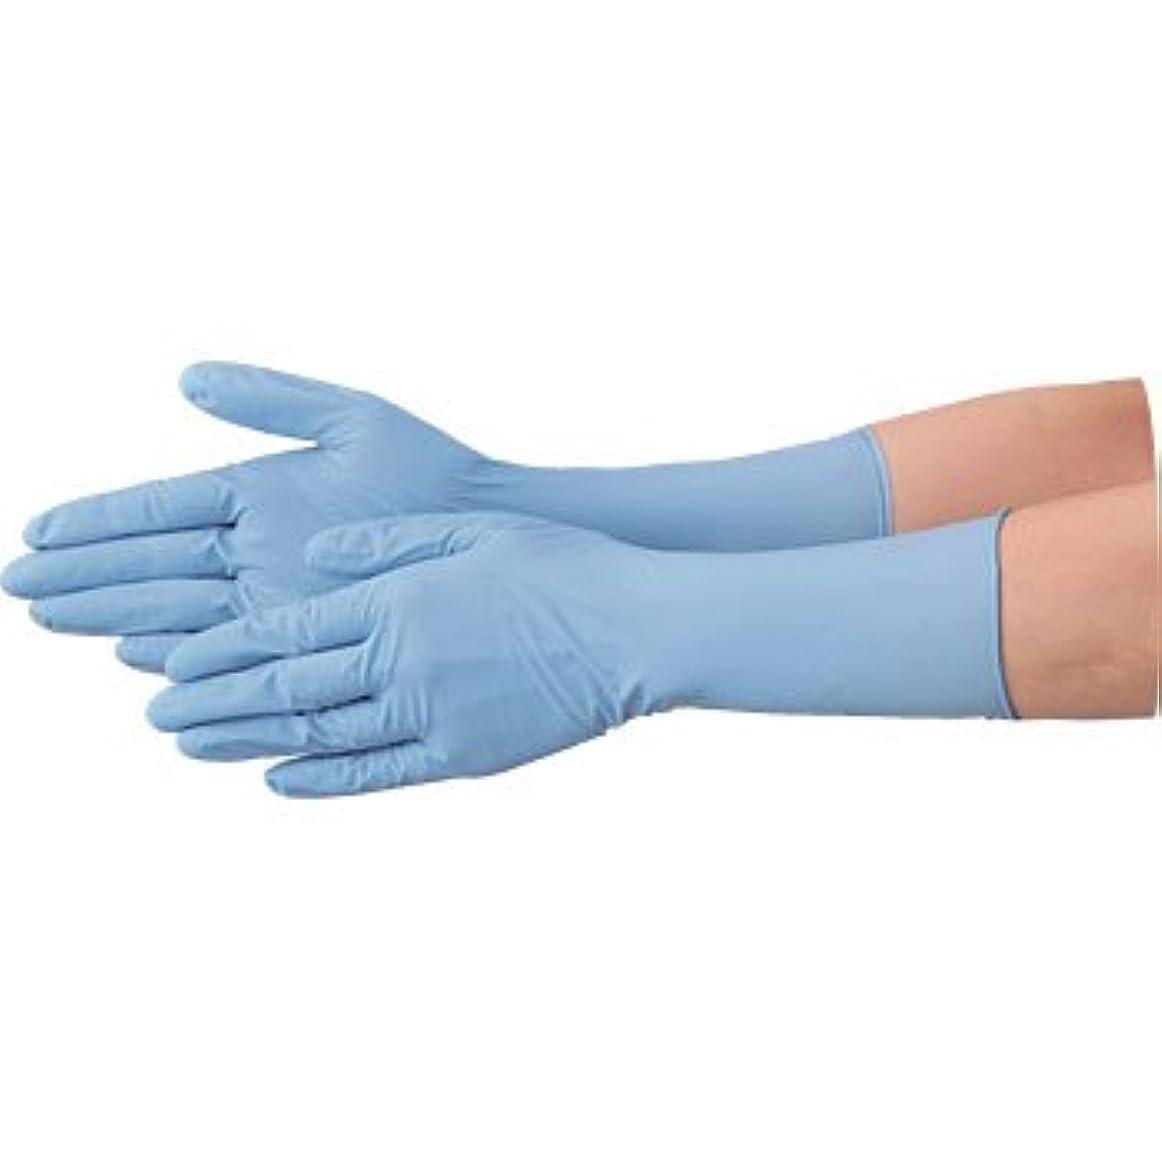 インテリア群衆発火する使い捨て 手袋 エブノ 528 ニトリル ロング手袋 パウダーフリー 全長29cm ブルー Lサイズ 2ケース(100枚×40箱)